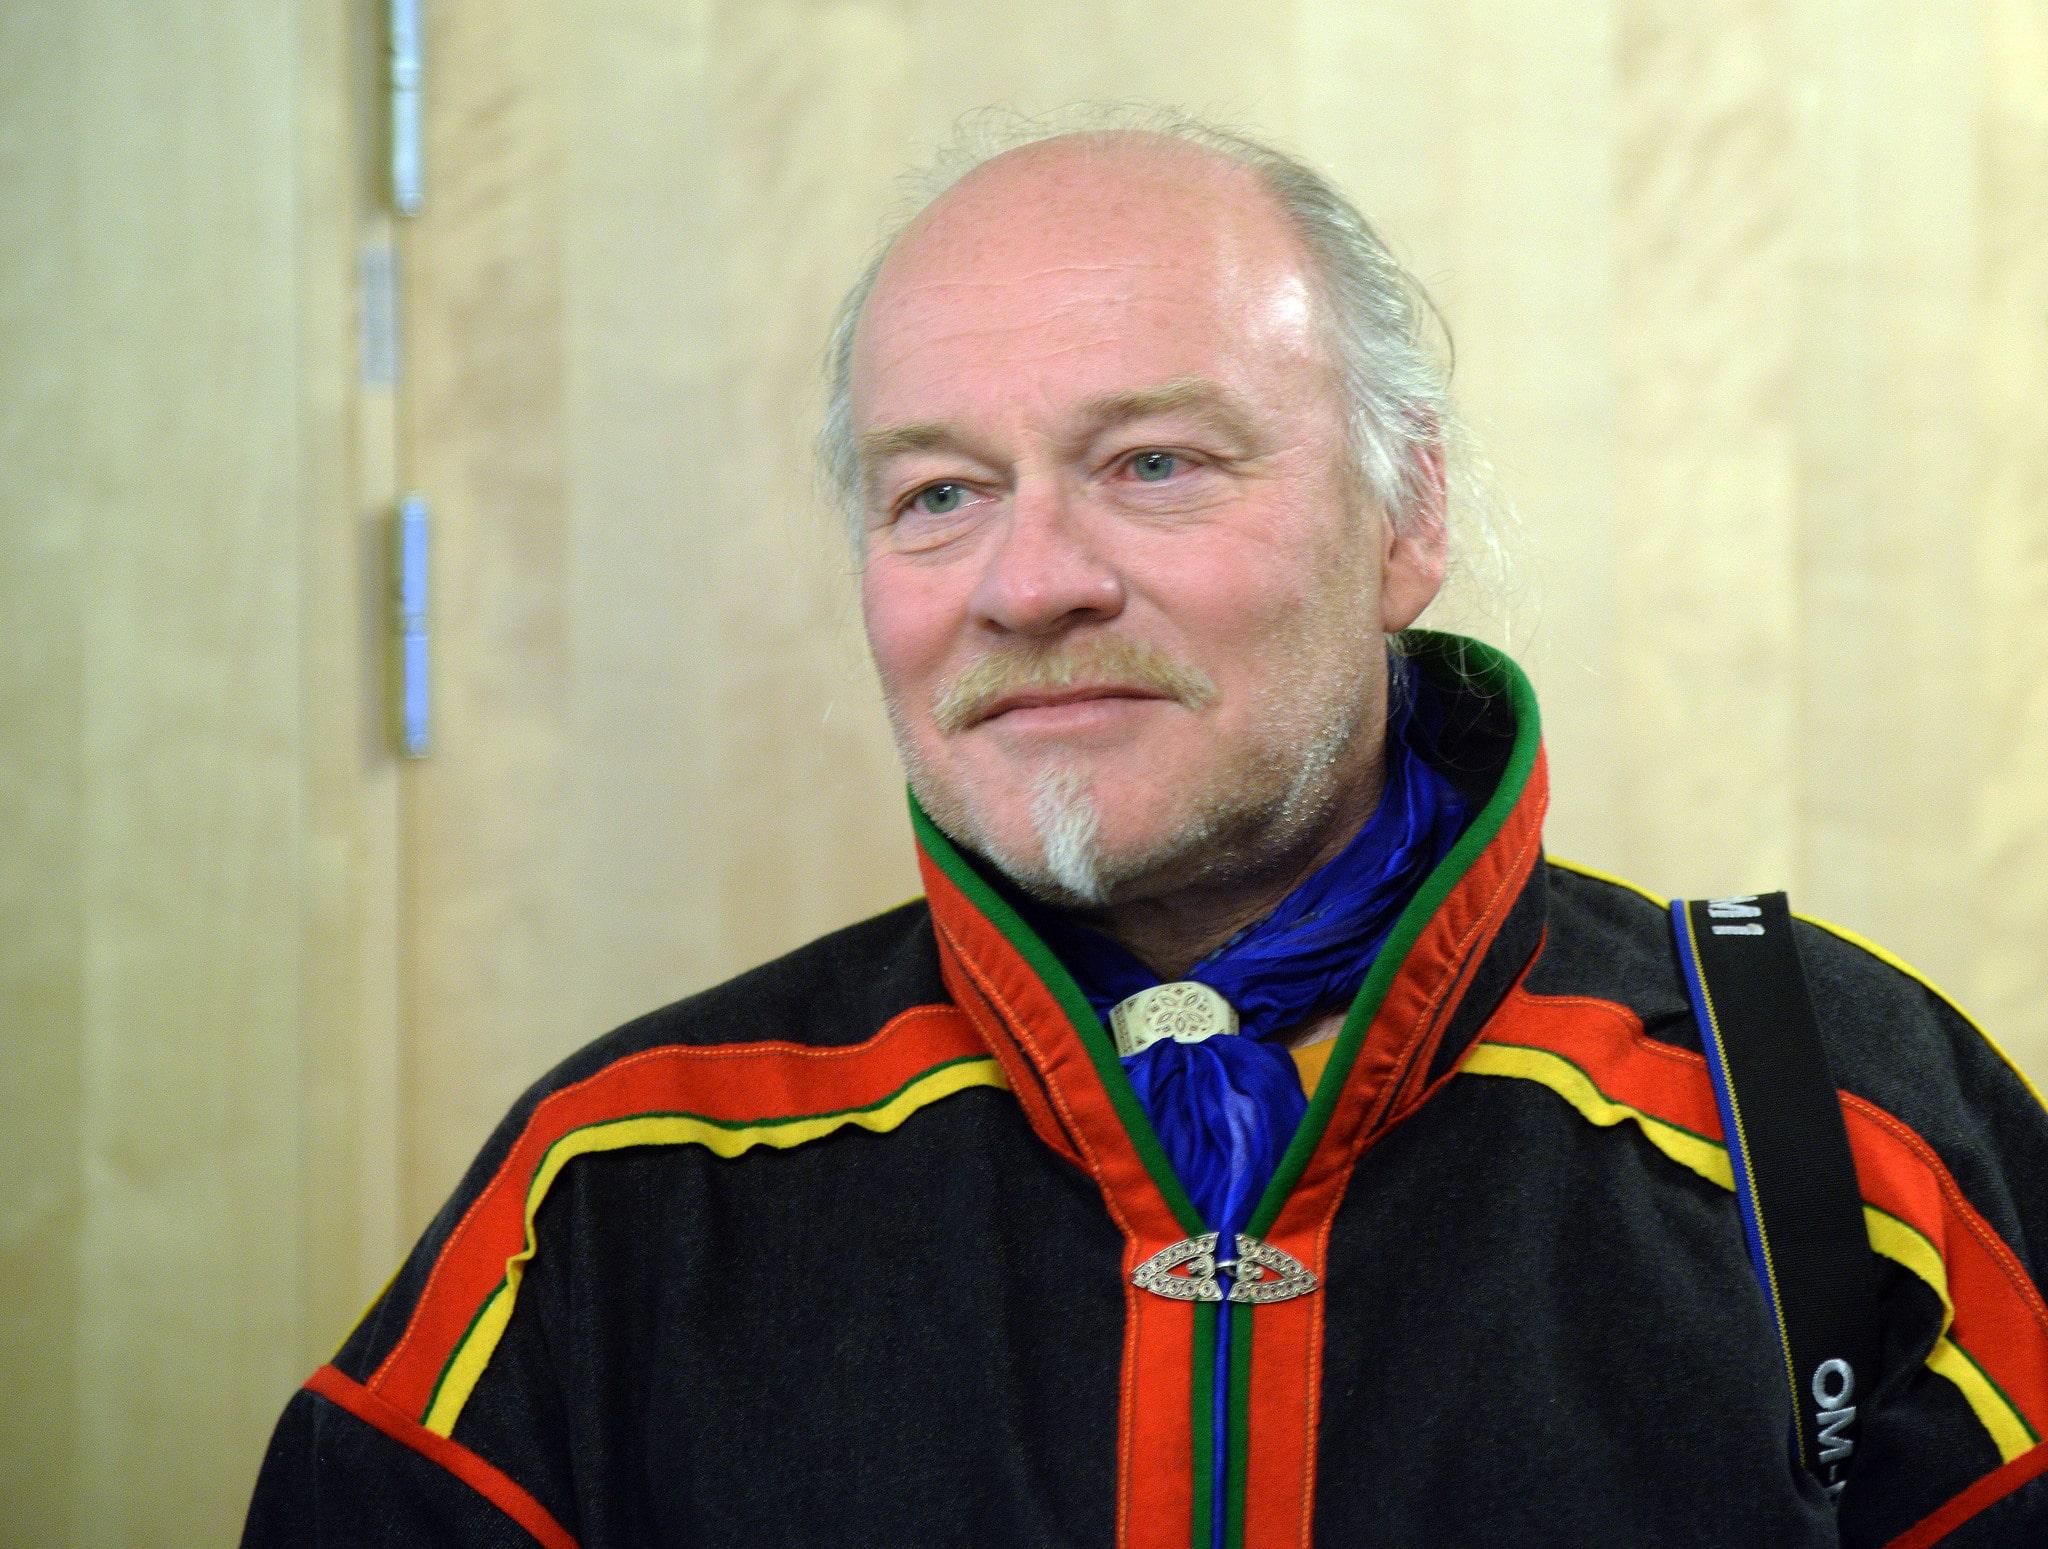 Matti Berg, ordförande för Girjas sameby, är på plats i Umeå för att ta del av Hovrättens dom. En dom som förmodligen kommer bli överklagad till Högsta domstolen. Foto: Lars-Henrik Andersson